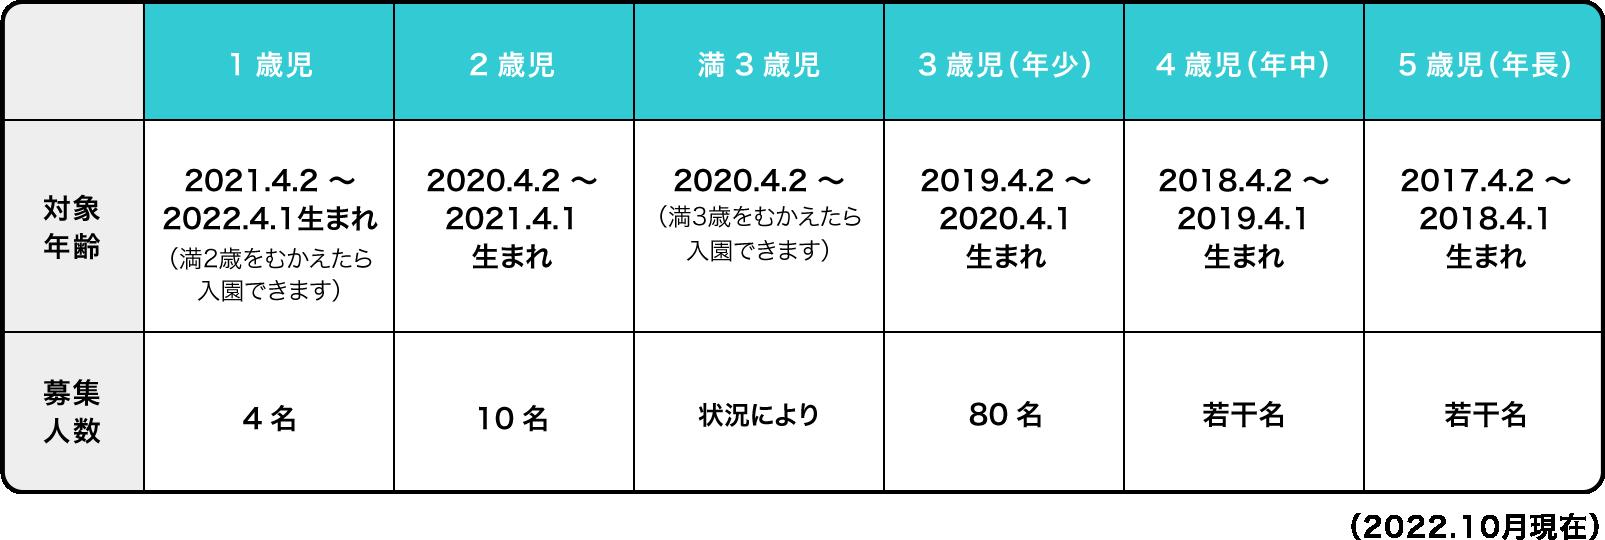 募集要項(2019.11月現在)